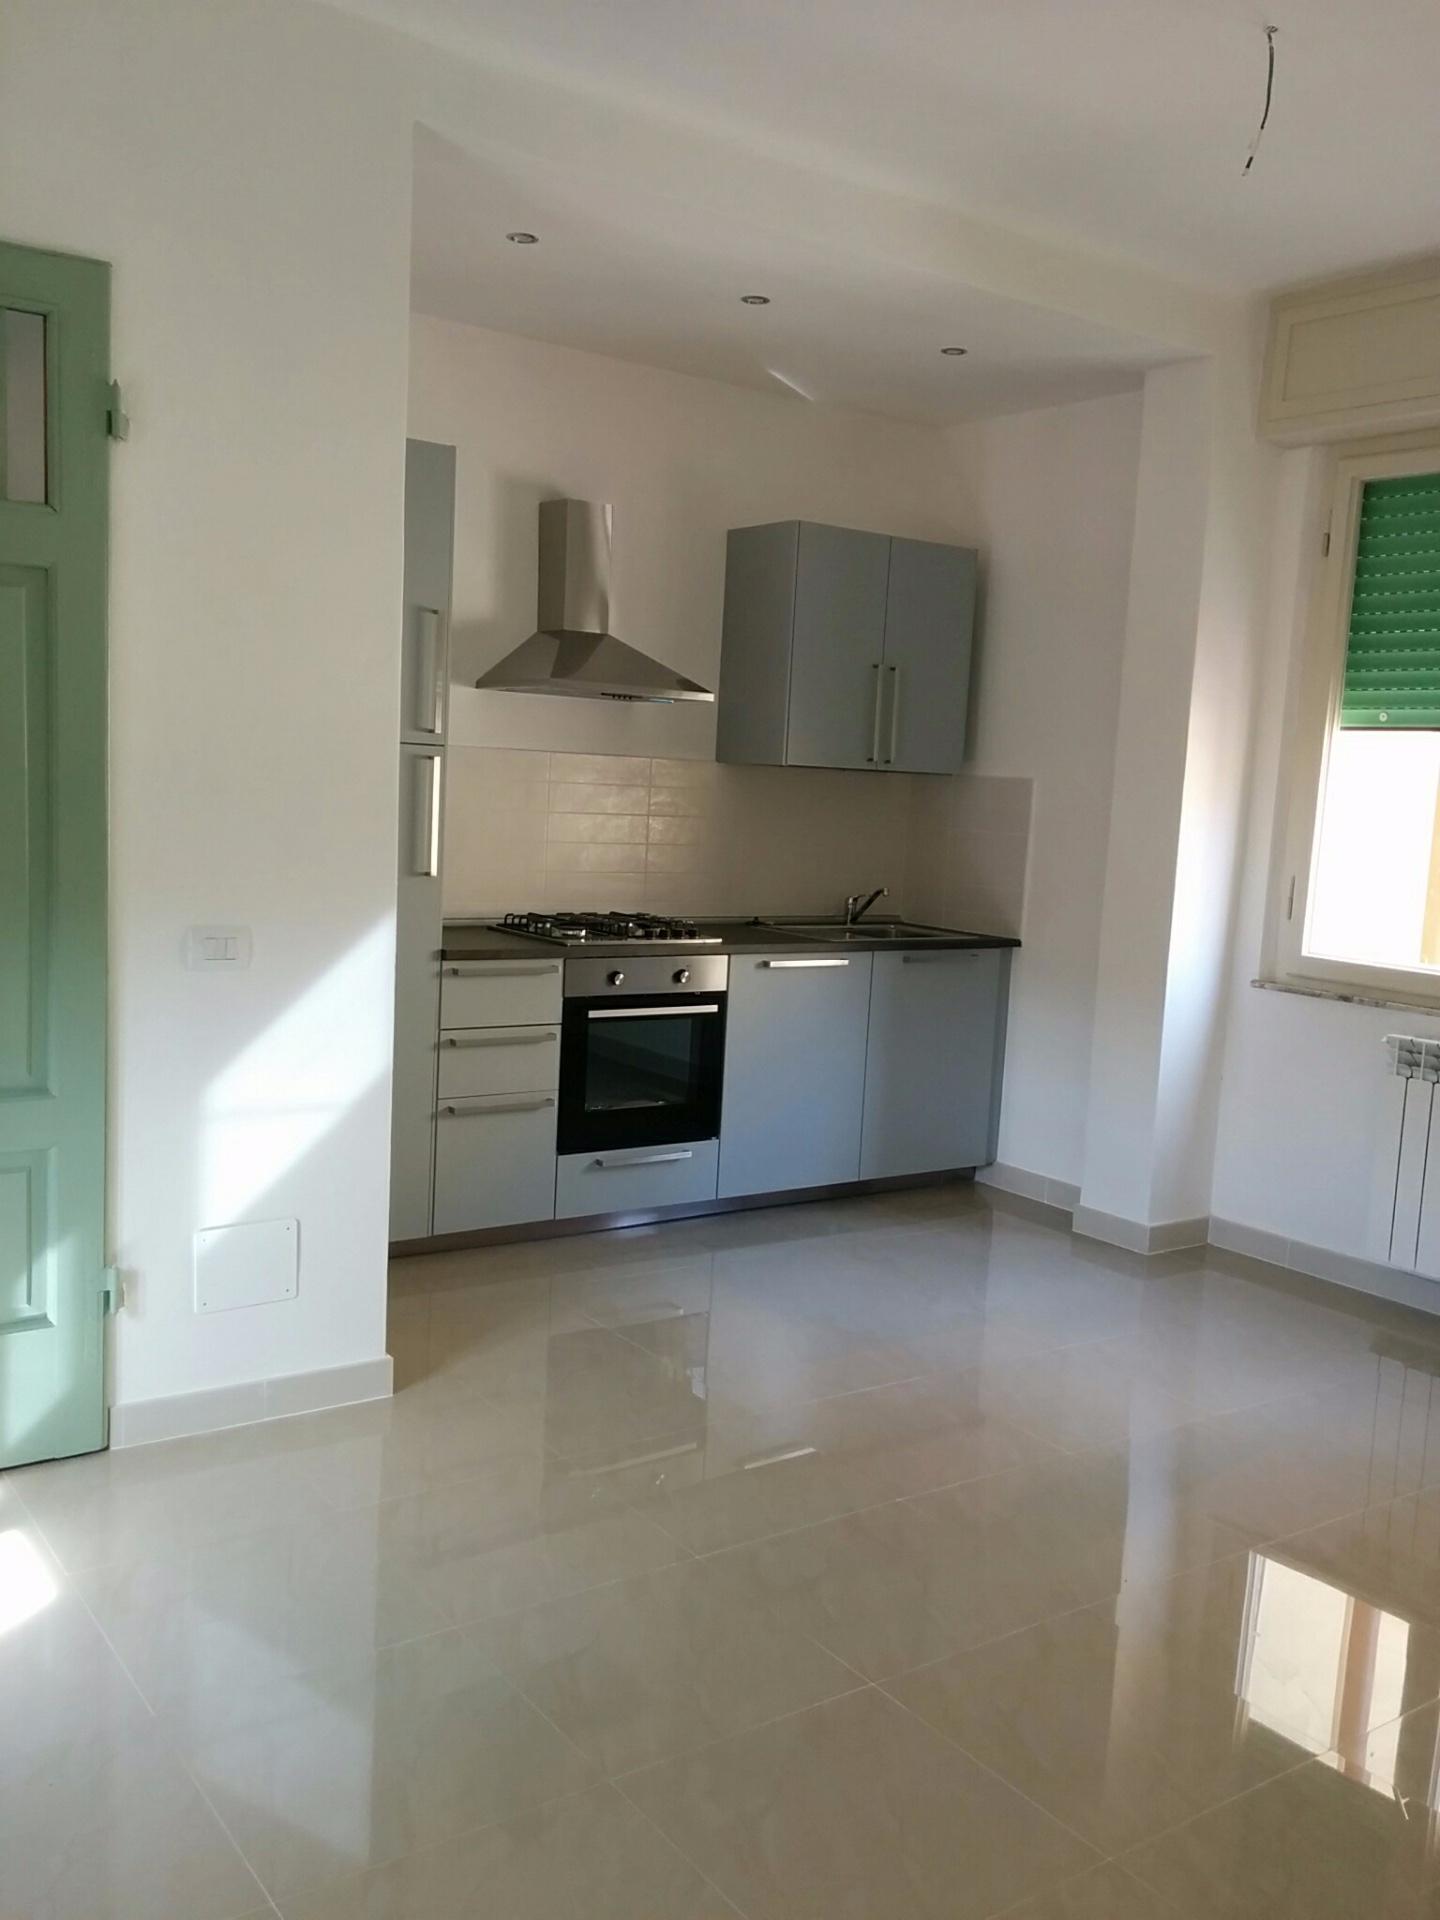 Appartamento in affitto, rif. a39/403